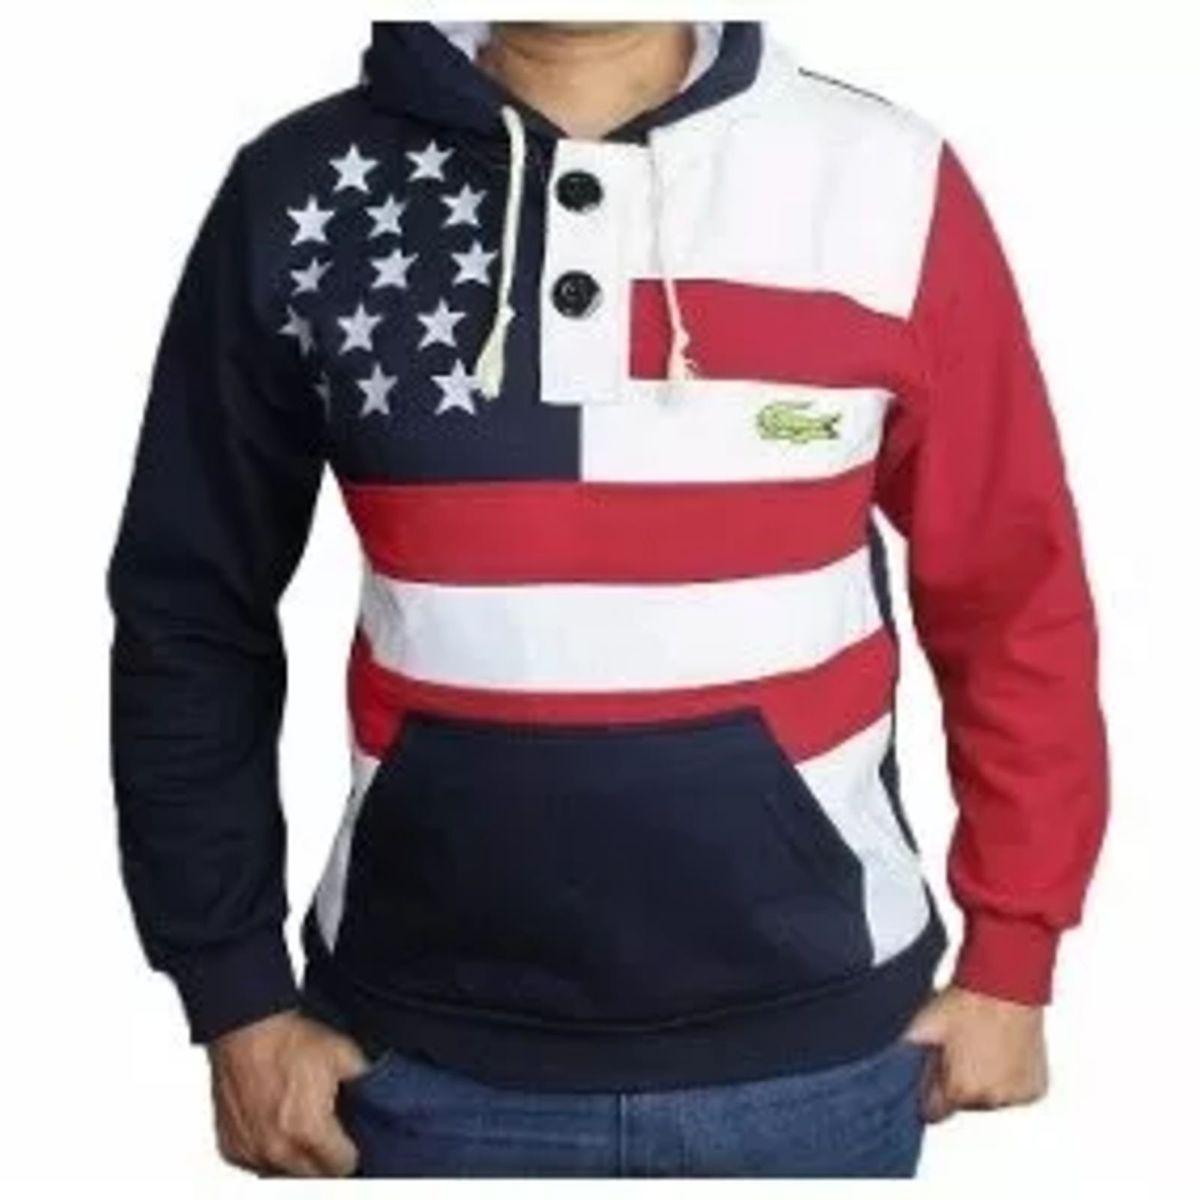 blusa moletom bandeira americana estados unidos tam p,m,g,gg - casacos 048835cf02